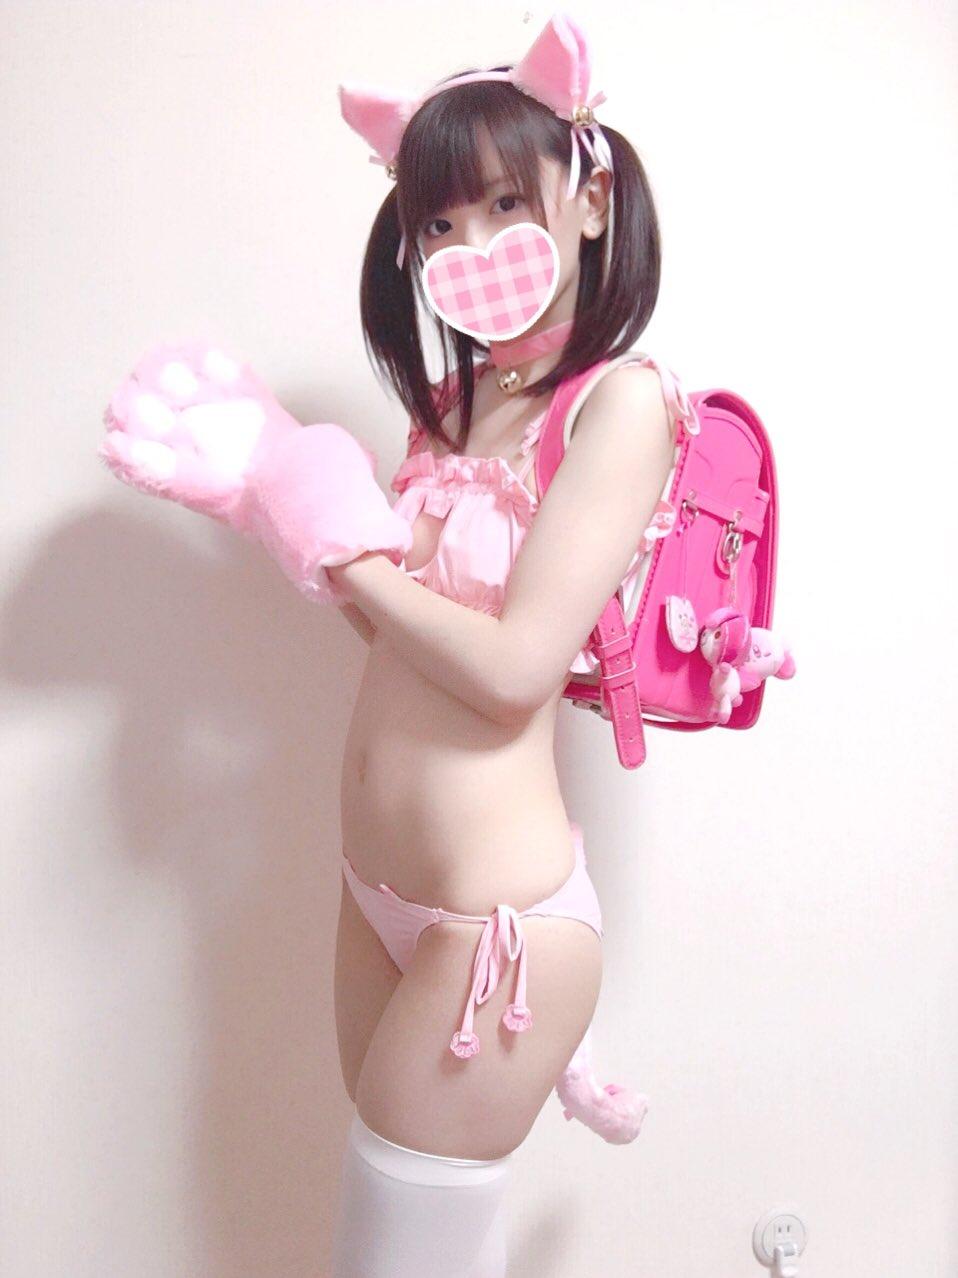 猫式性感-美少女猫内衣套图